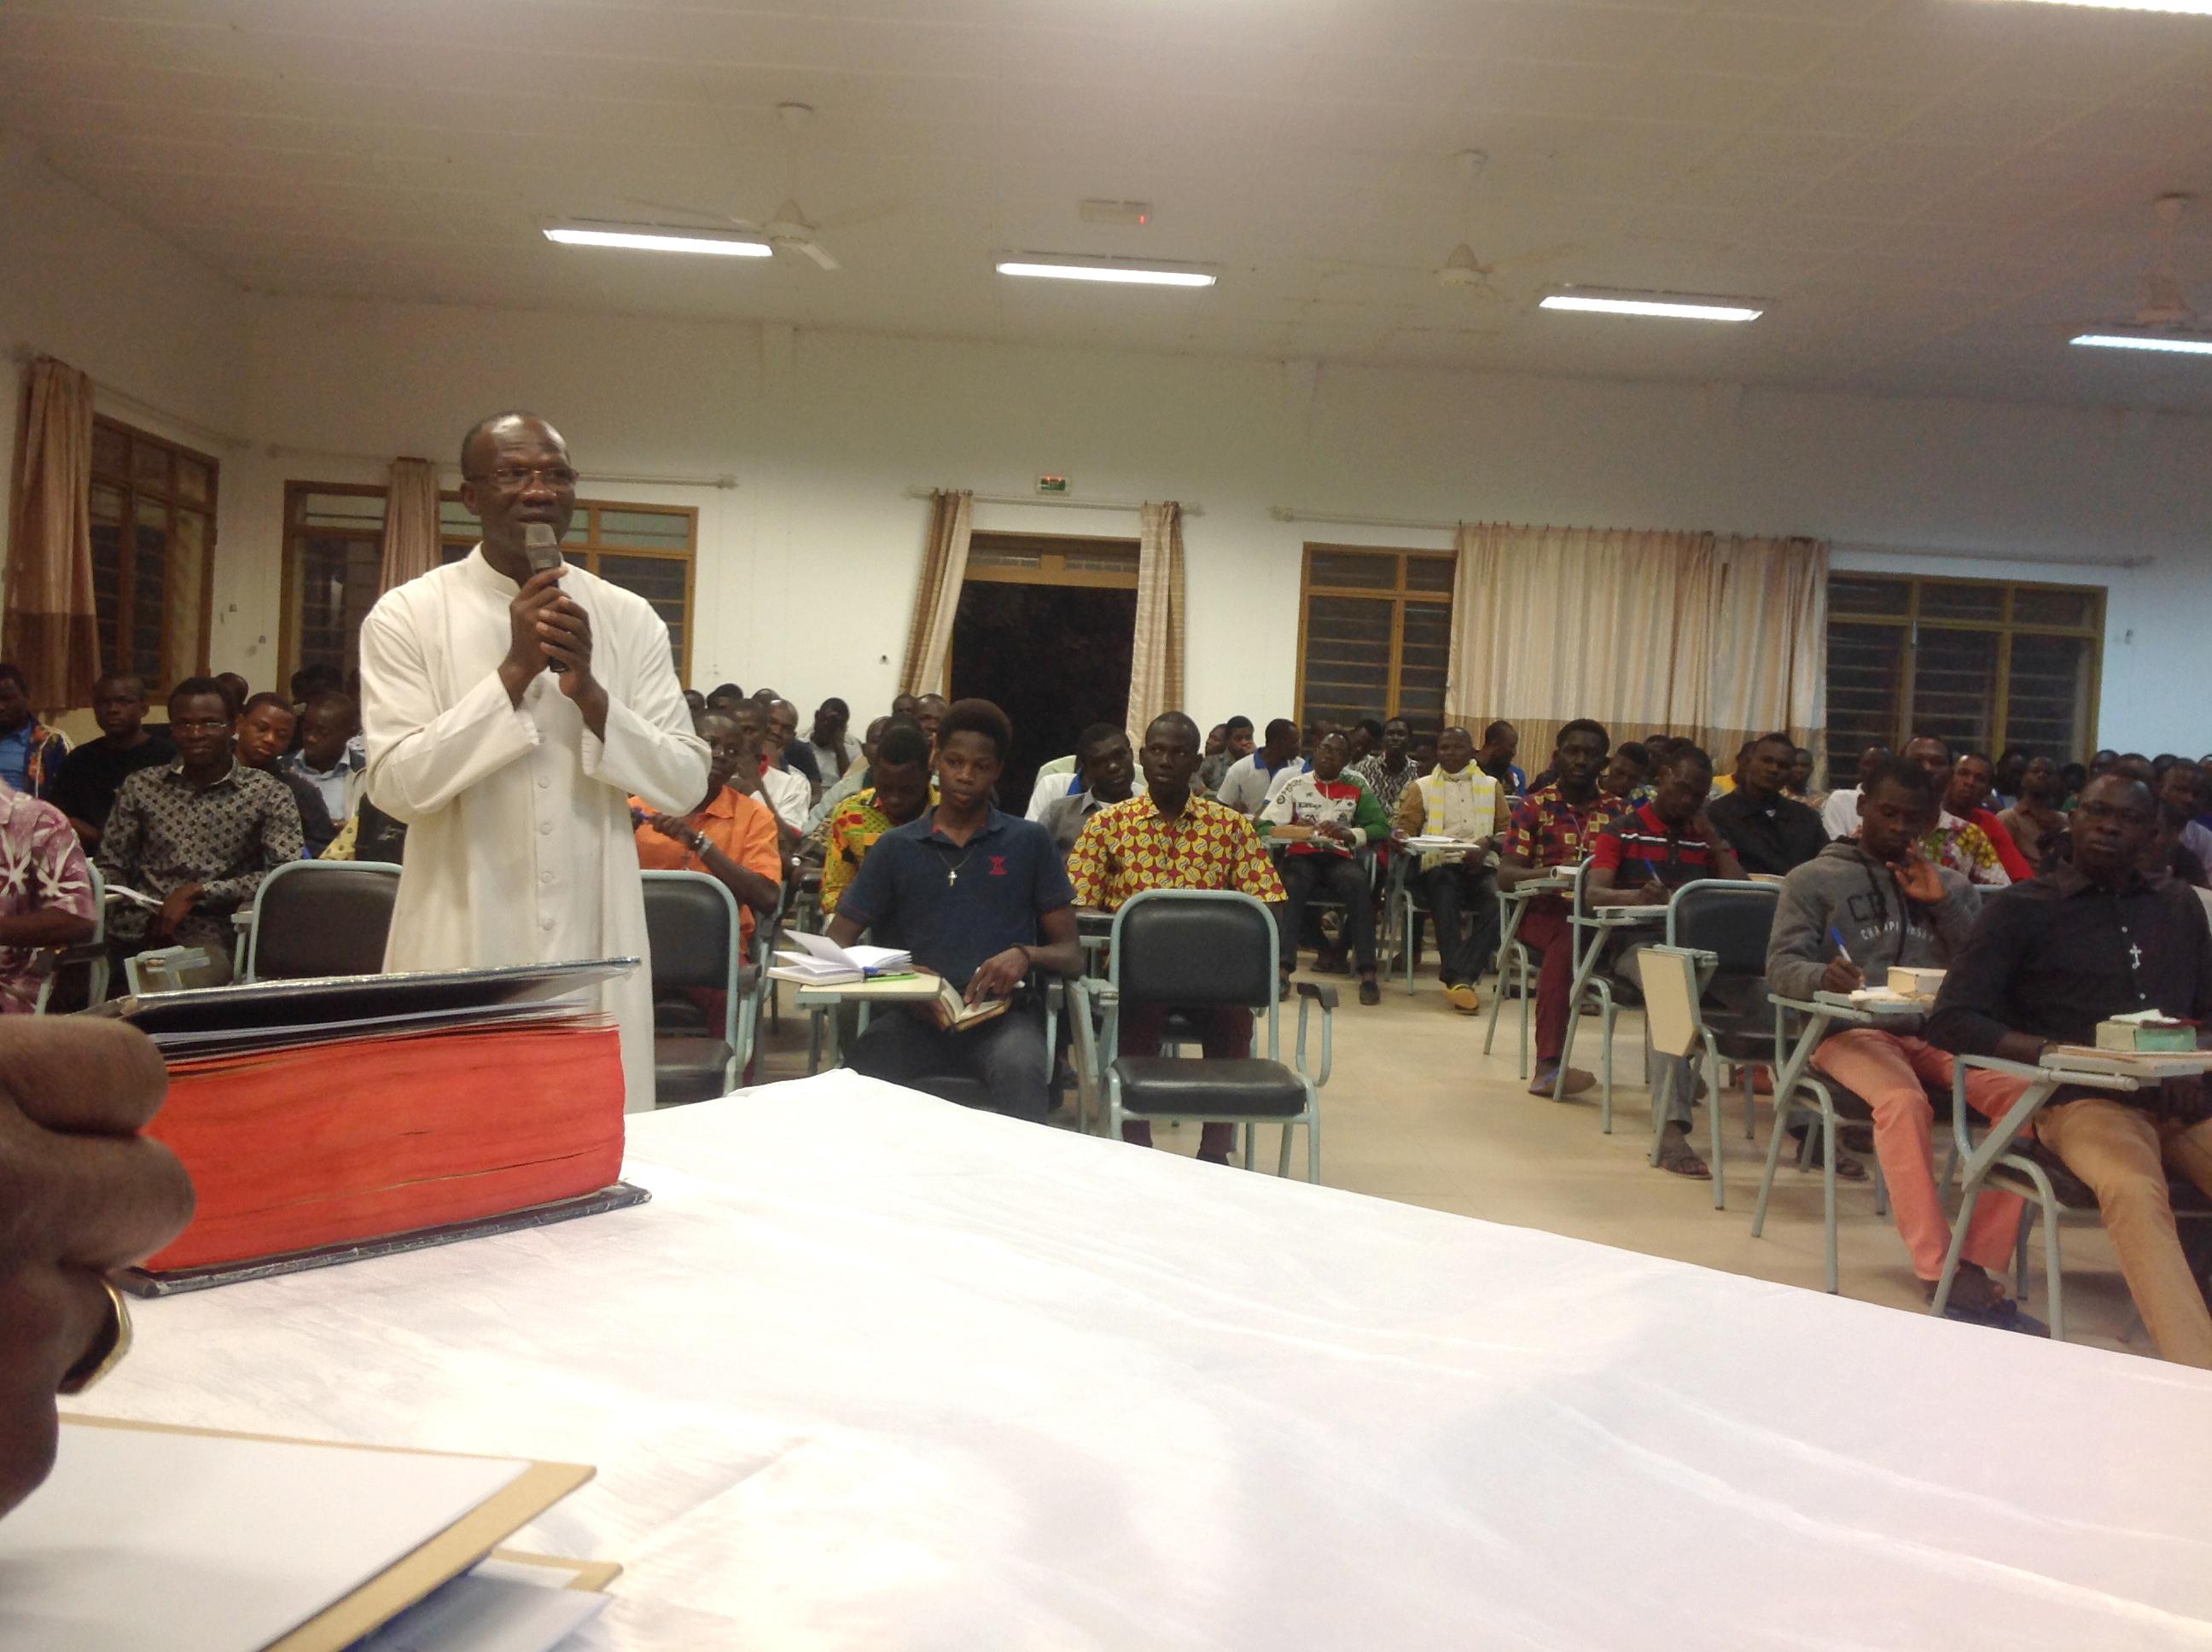 Burkina Faso: Ayuda a la formación de 61 futuros sacerdotes afectado por el terror islamista